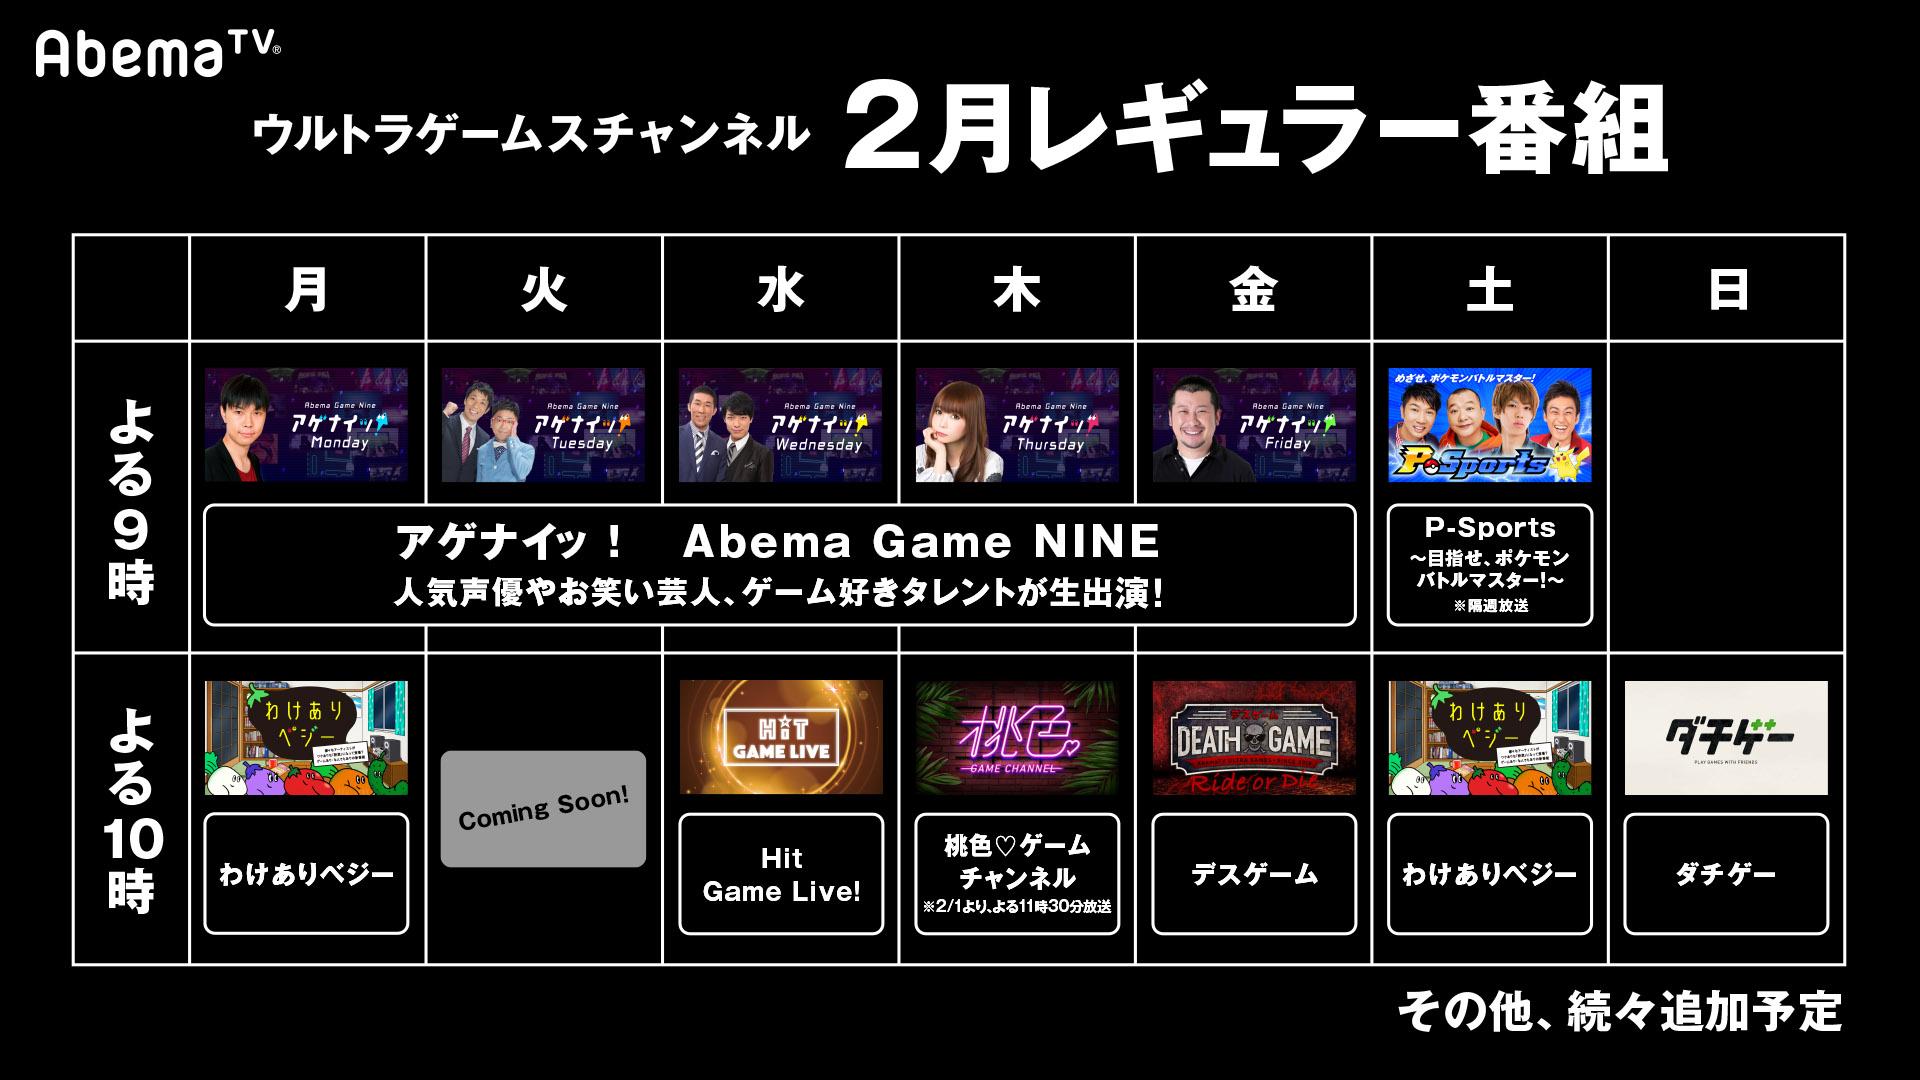 AbemaTVのゲーム専門チャンネル「ウルトラゲームス」が2月の番組ラインナップを発表!